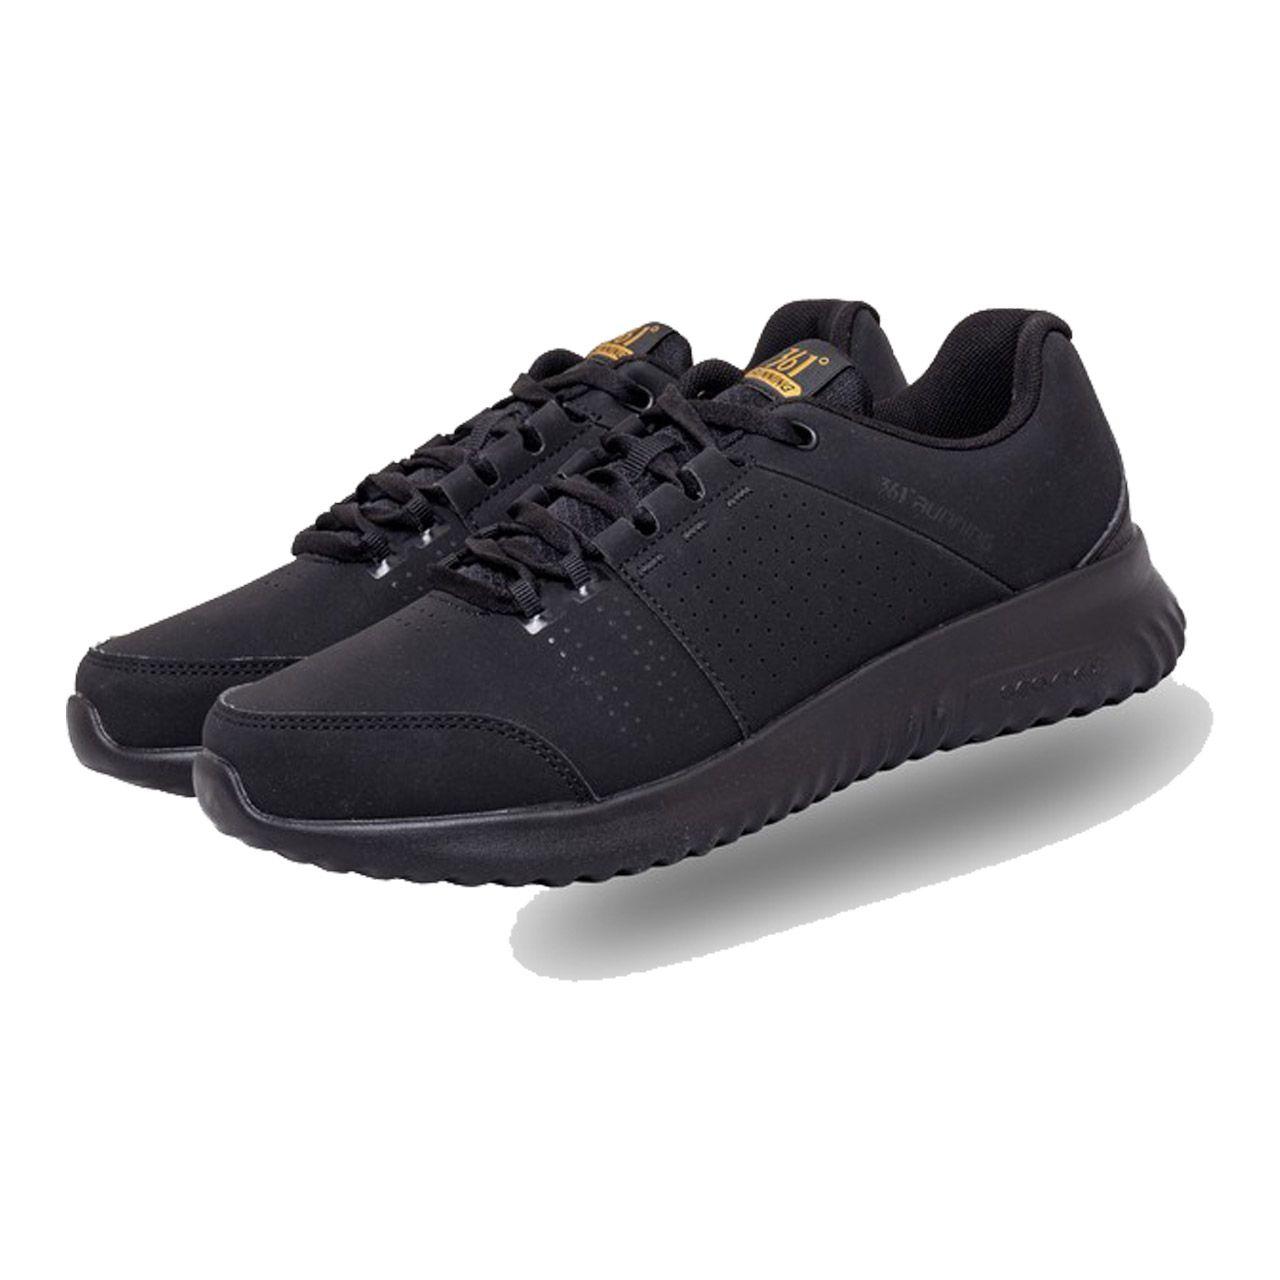 کفش مخصوص پیاده روی مردانه 361 درجه مدل W571842252-4 -  - 2